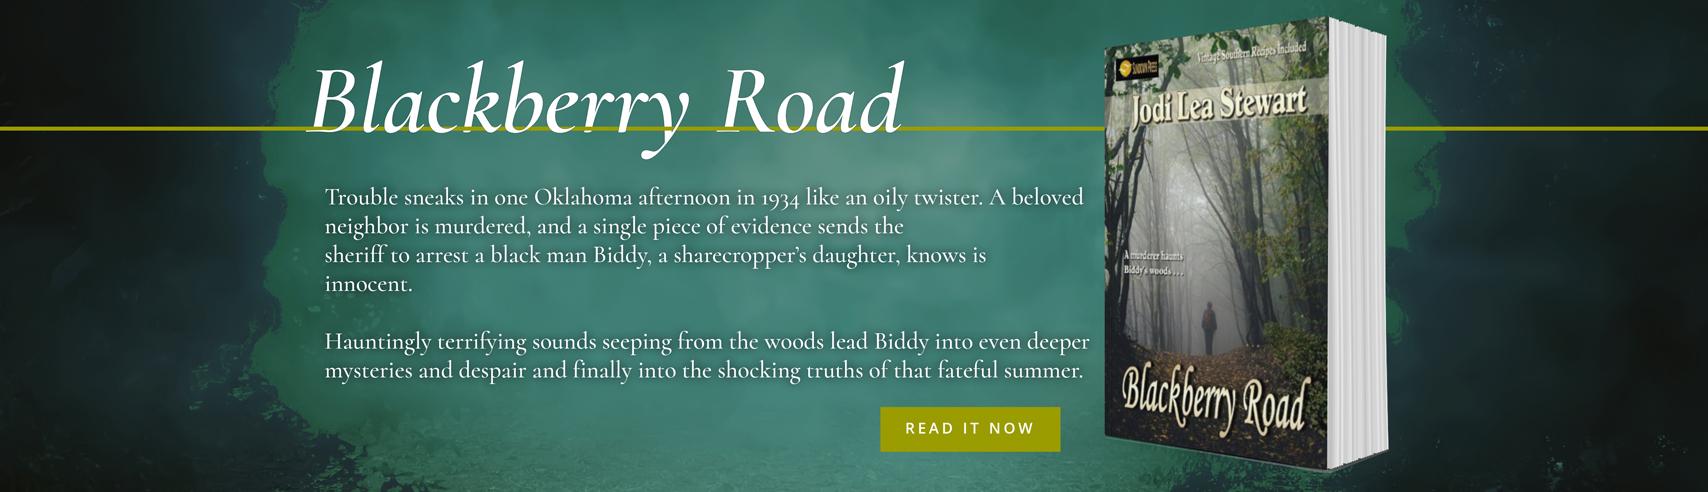 Blackberry Road, an Historic Fiction novel by Jodi Lea Stewart